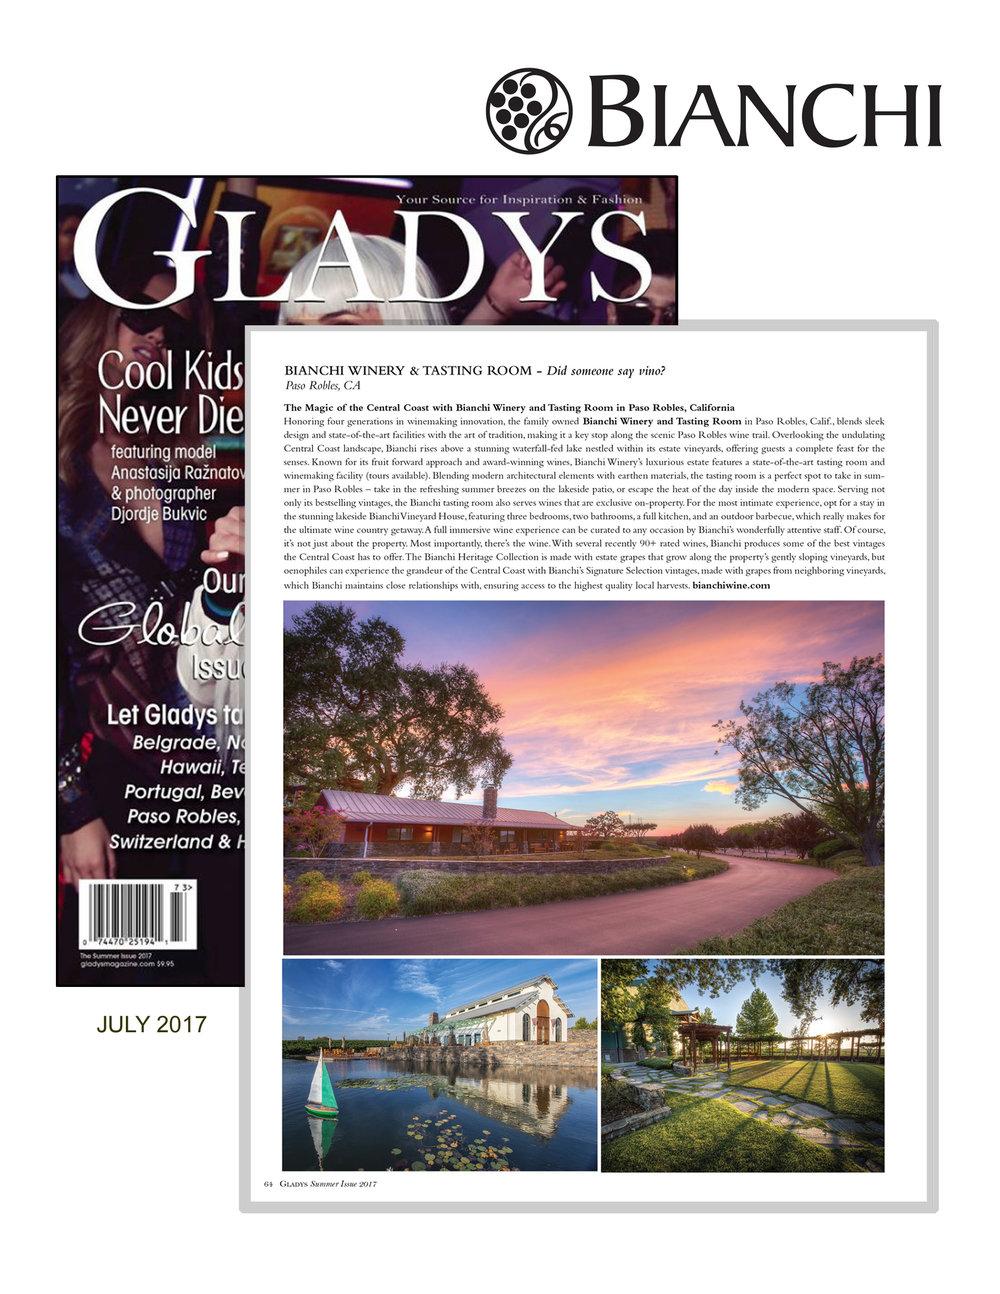 GladysMagazine_July2017.jpg